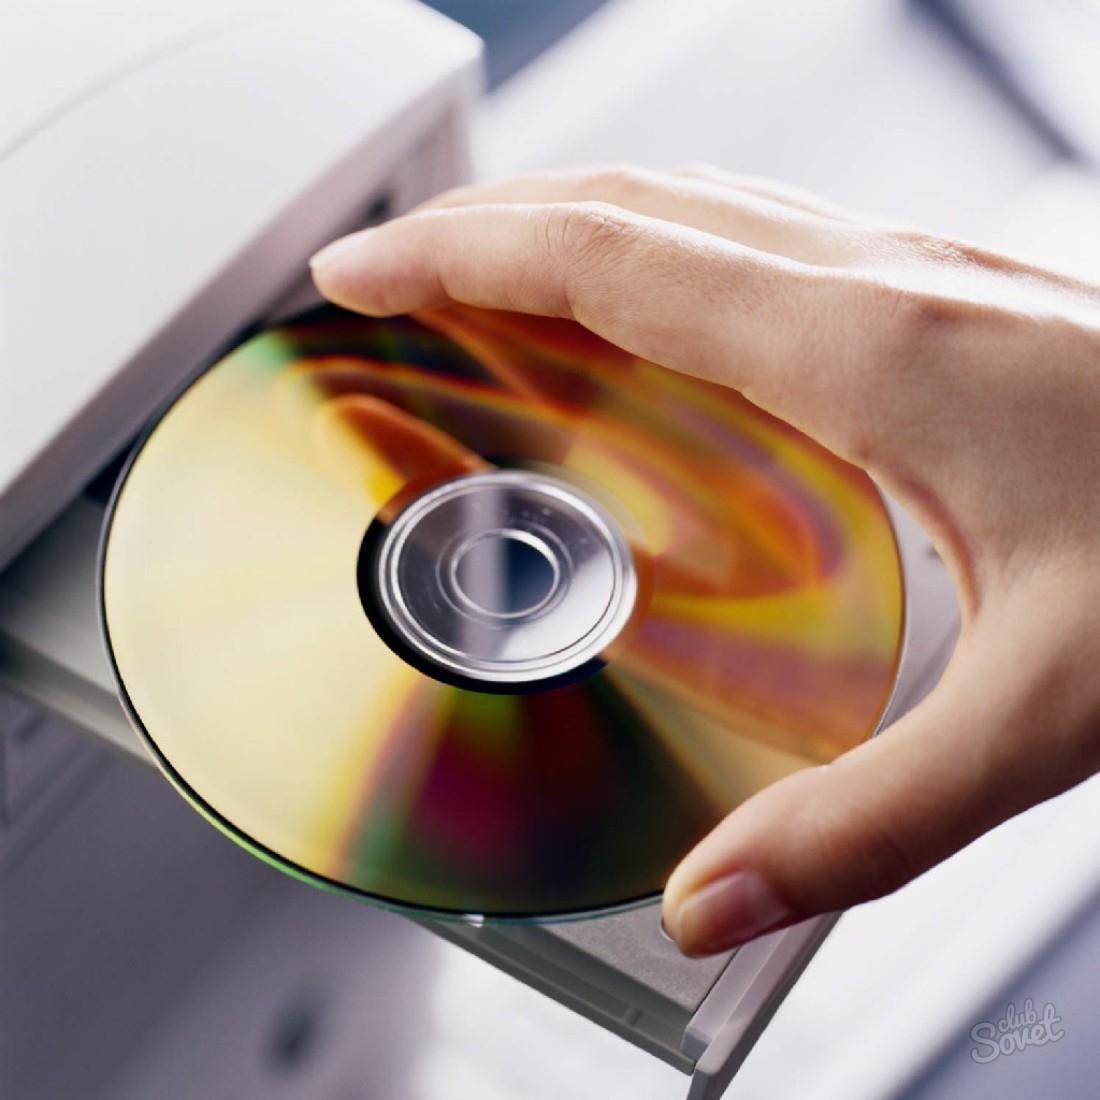 Что делать если дисковод не читает диски?